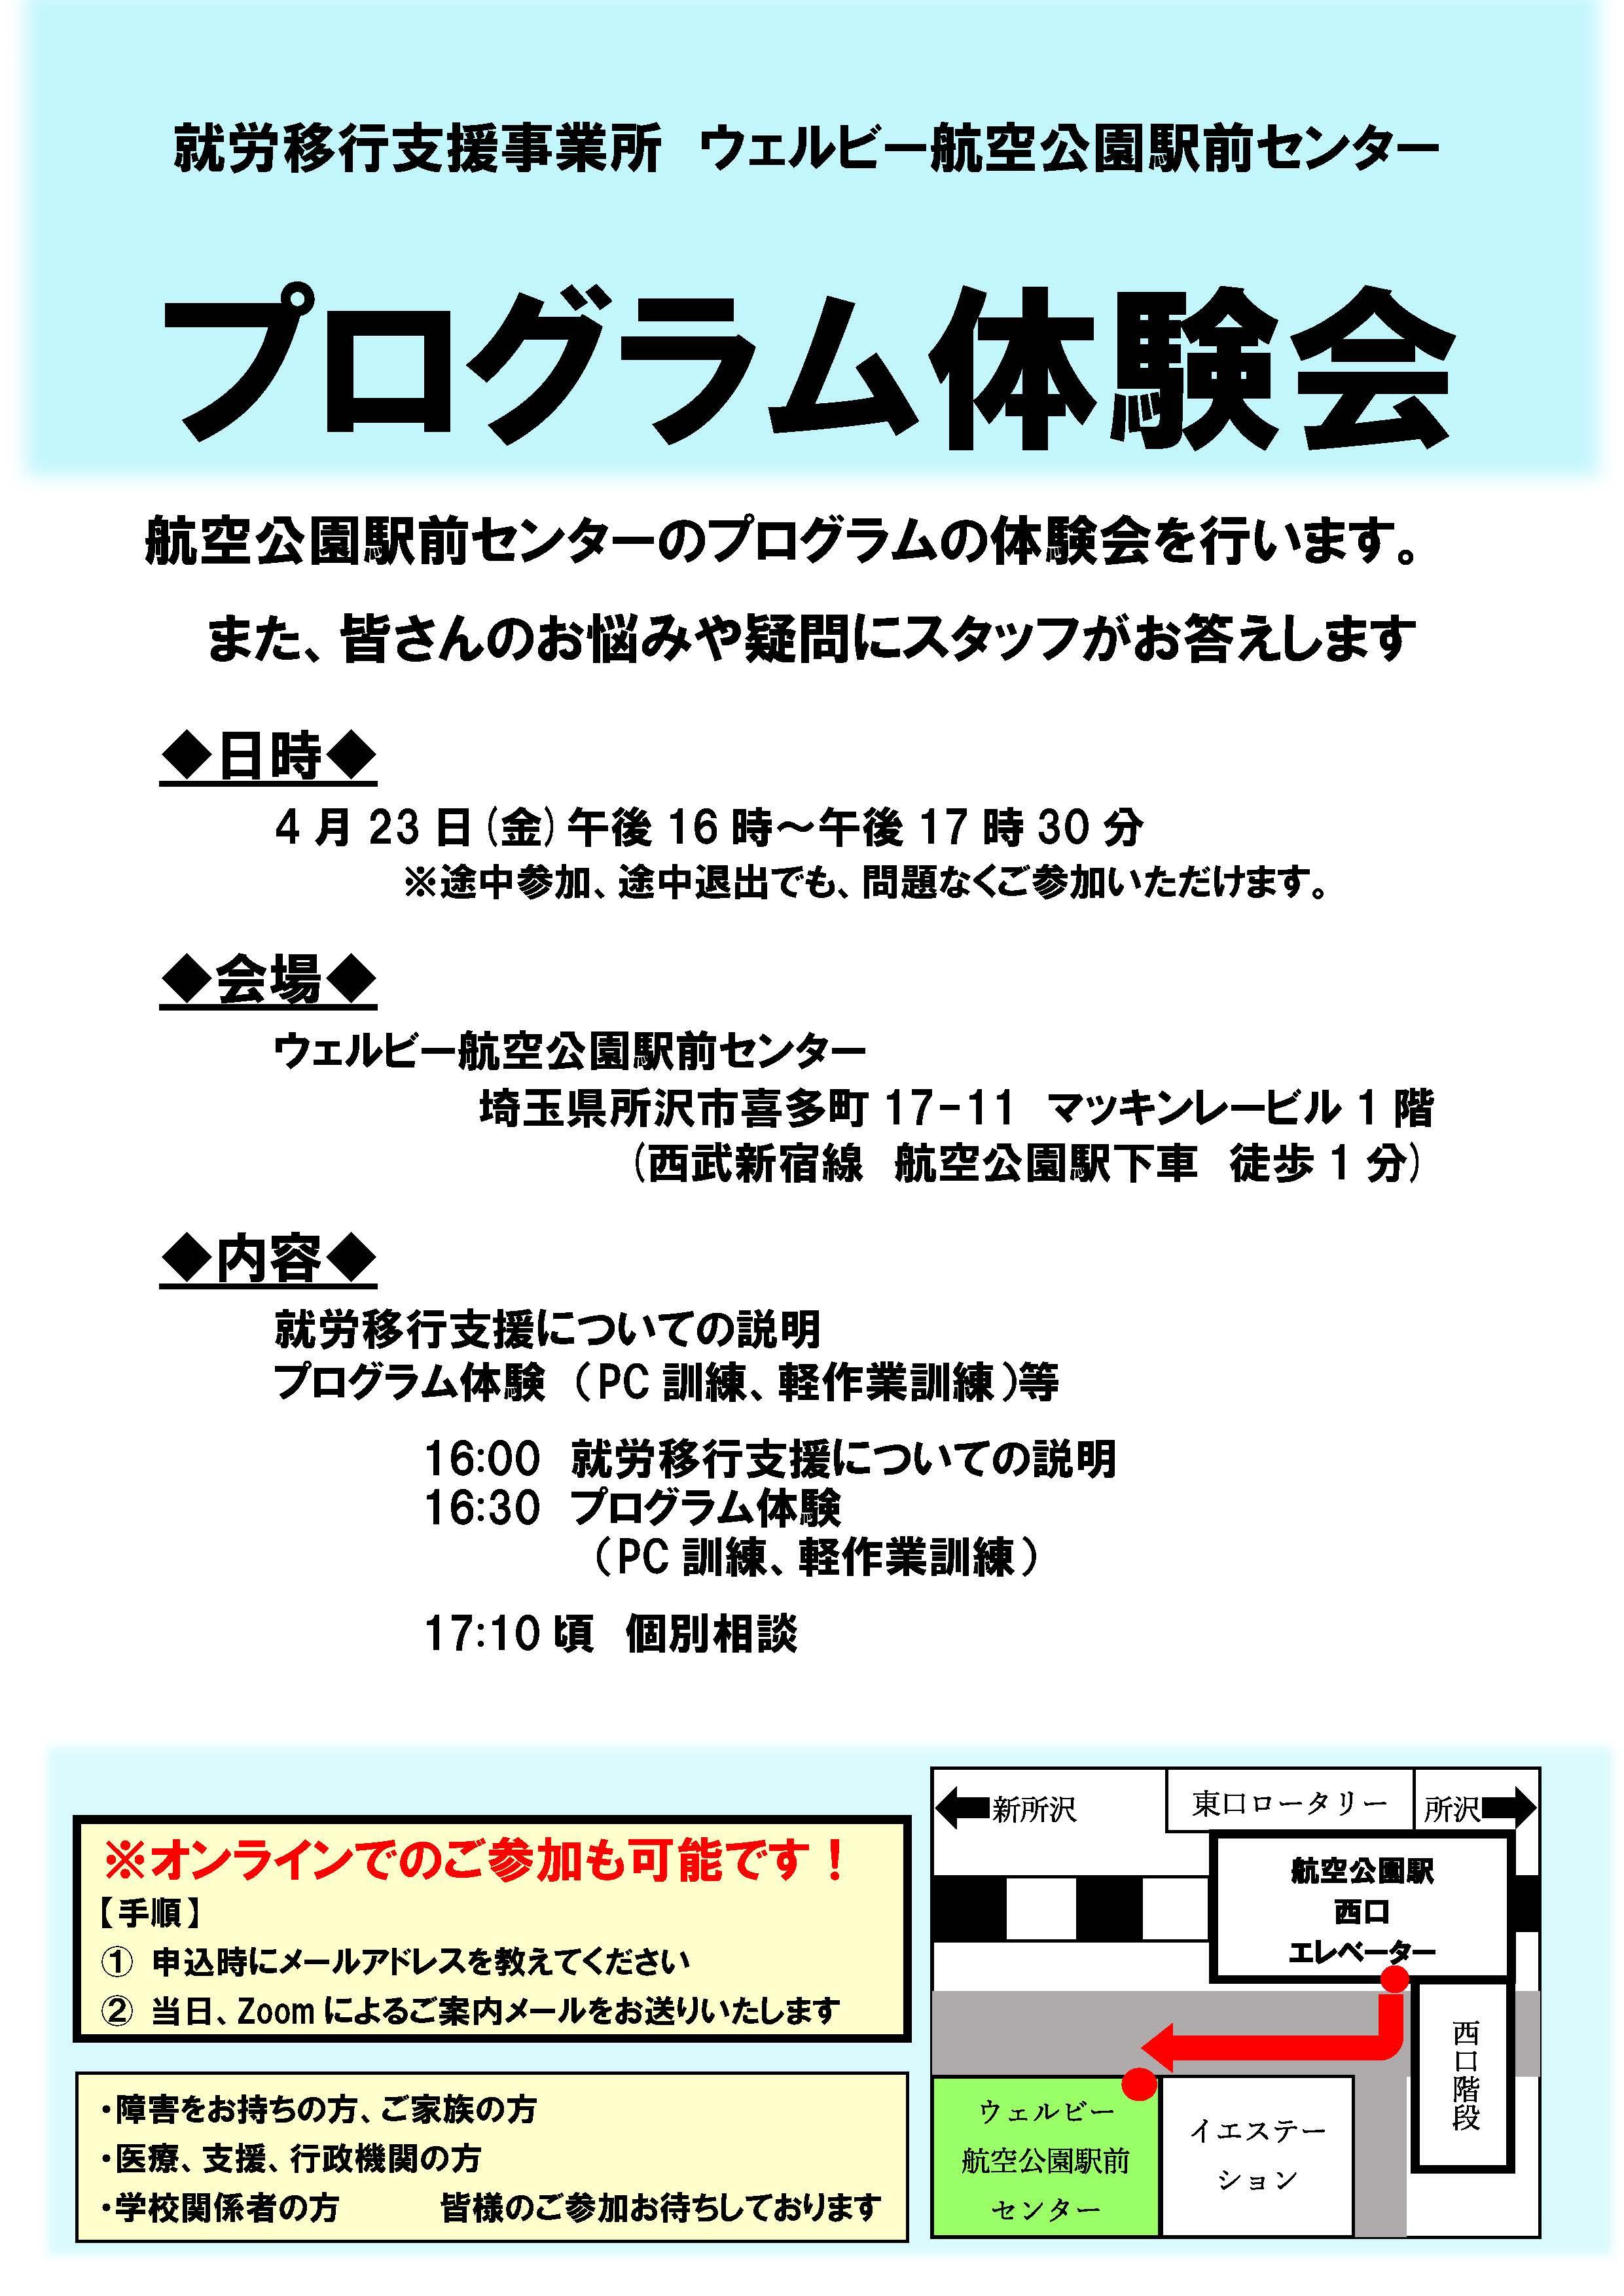 プログラム体験会案内(2021年4月23日)Ver_ページ_1